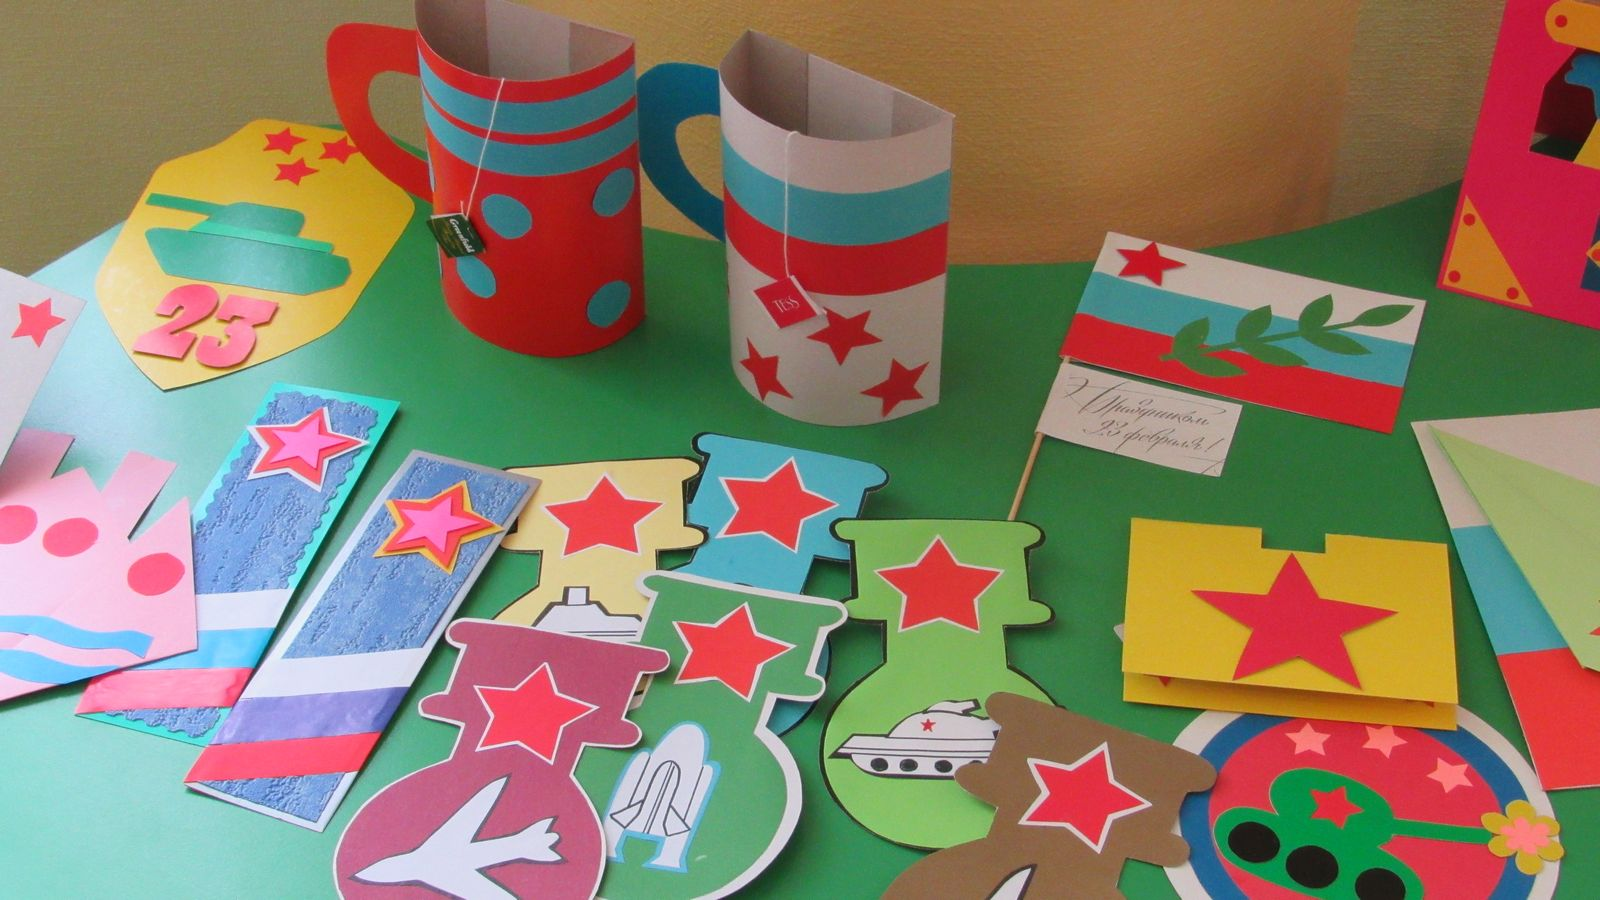 ❶Поделки к 23 февраля ясли|Премия 23 февраля|25 Best Груша images | Crafts, Crafts for kids, Kid crafts|